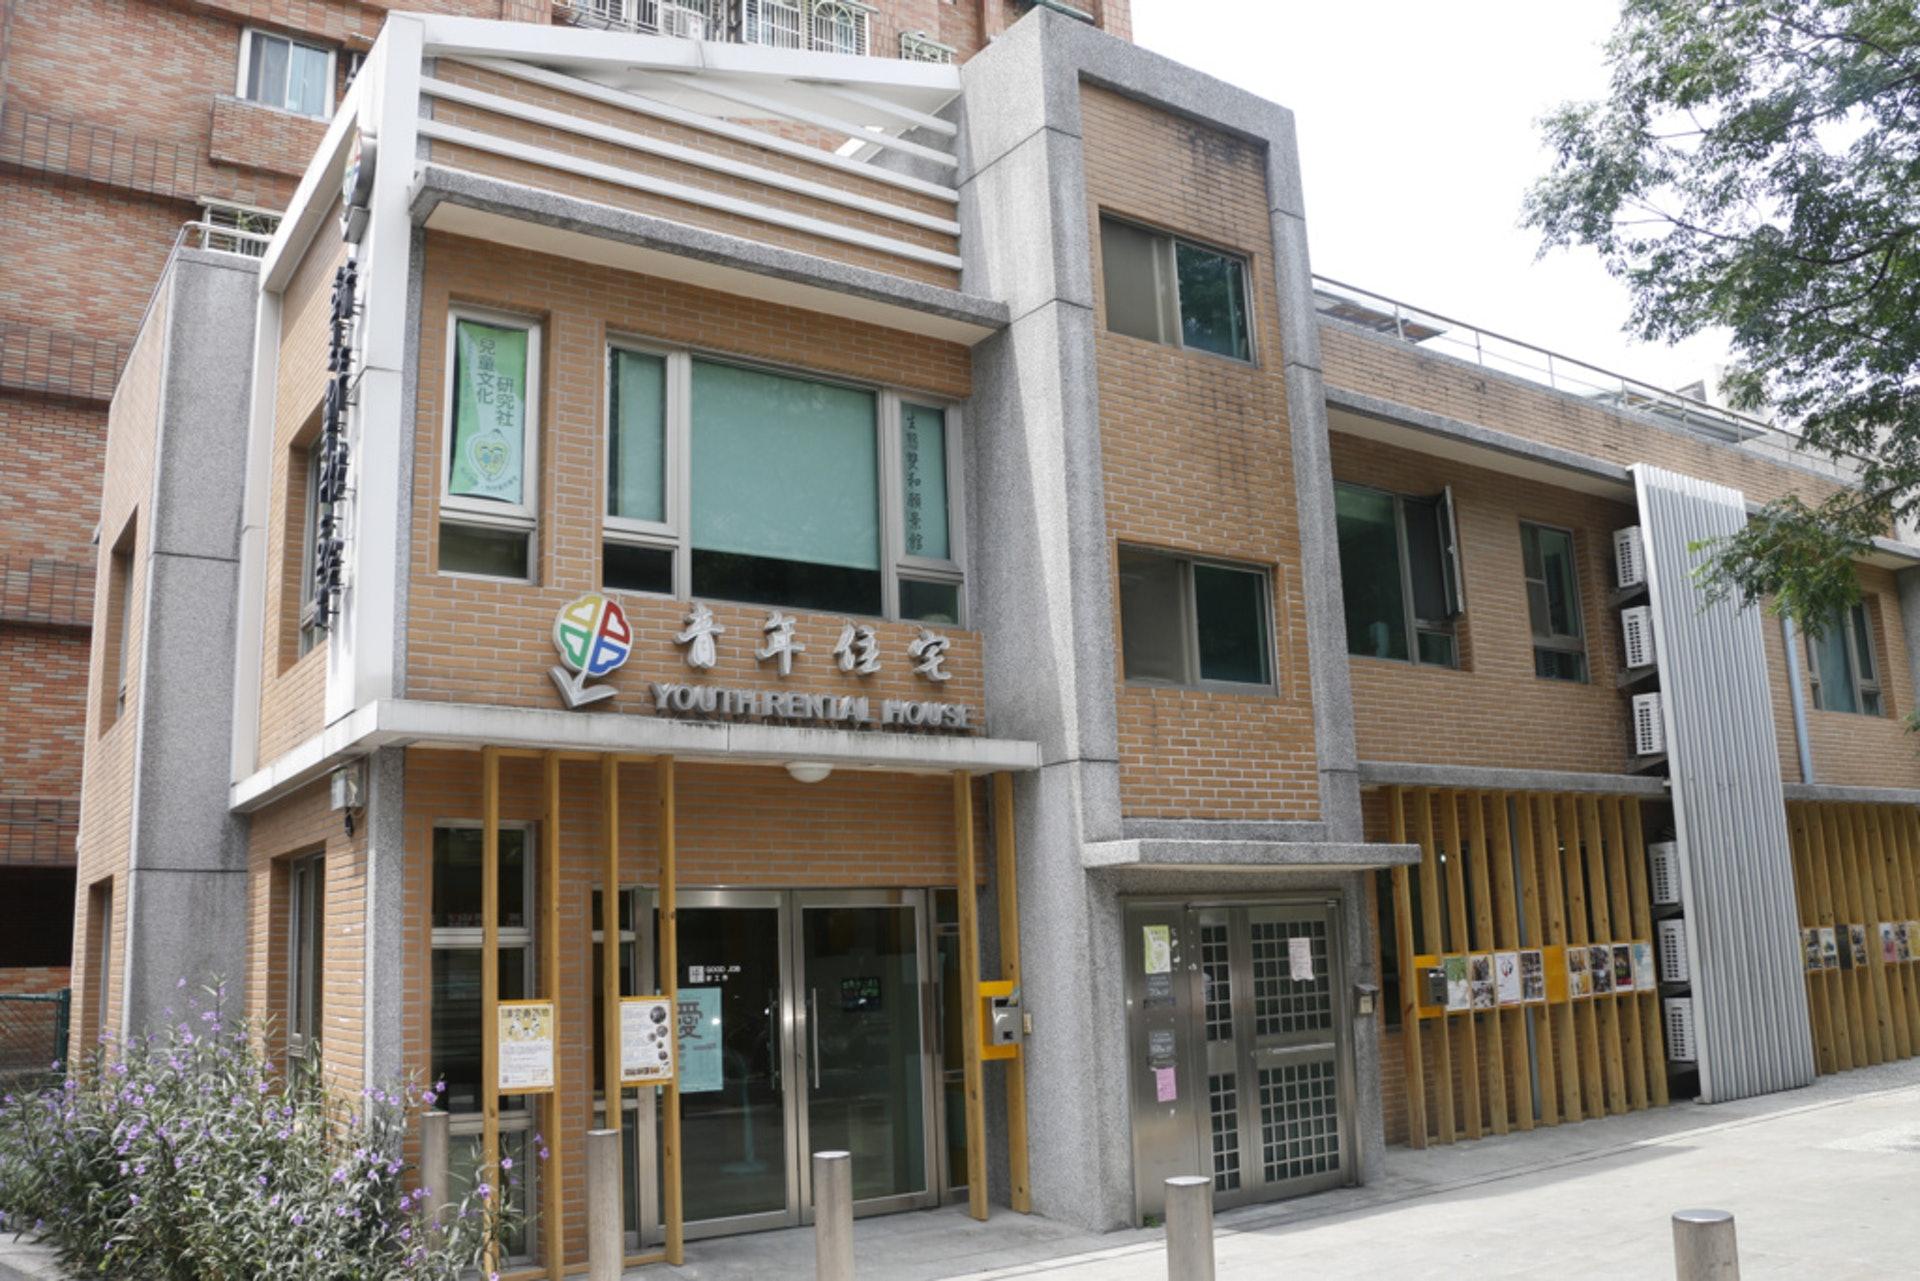 台灣正在摸索社會房屋的路上,而香港經驗更多但效率和執行力卻常引發質疑,圖為新北市永和國光青年住宅。(杜晉軒攝)